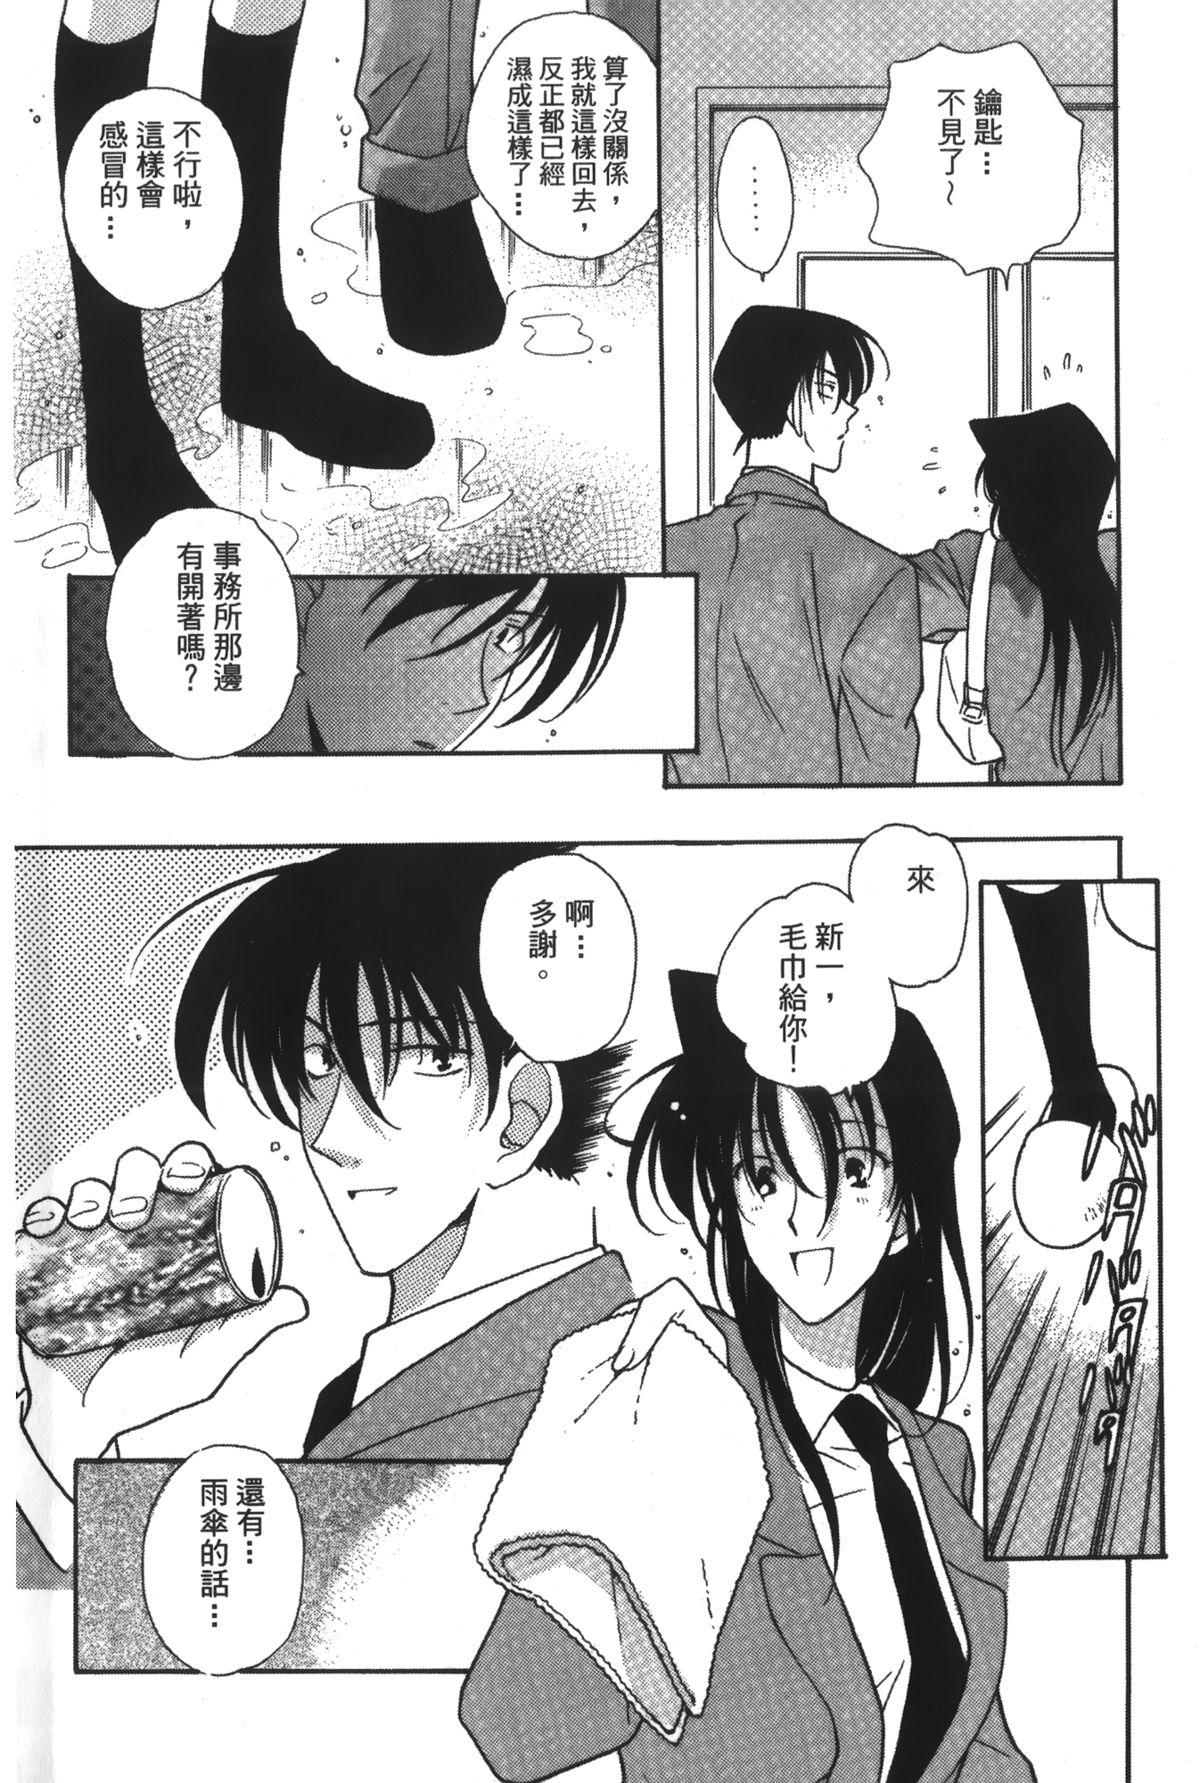 Detective Assistant Vol. 14 2